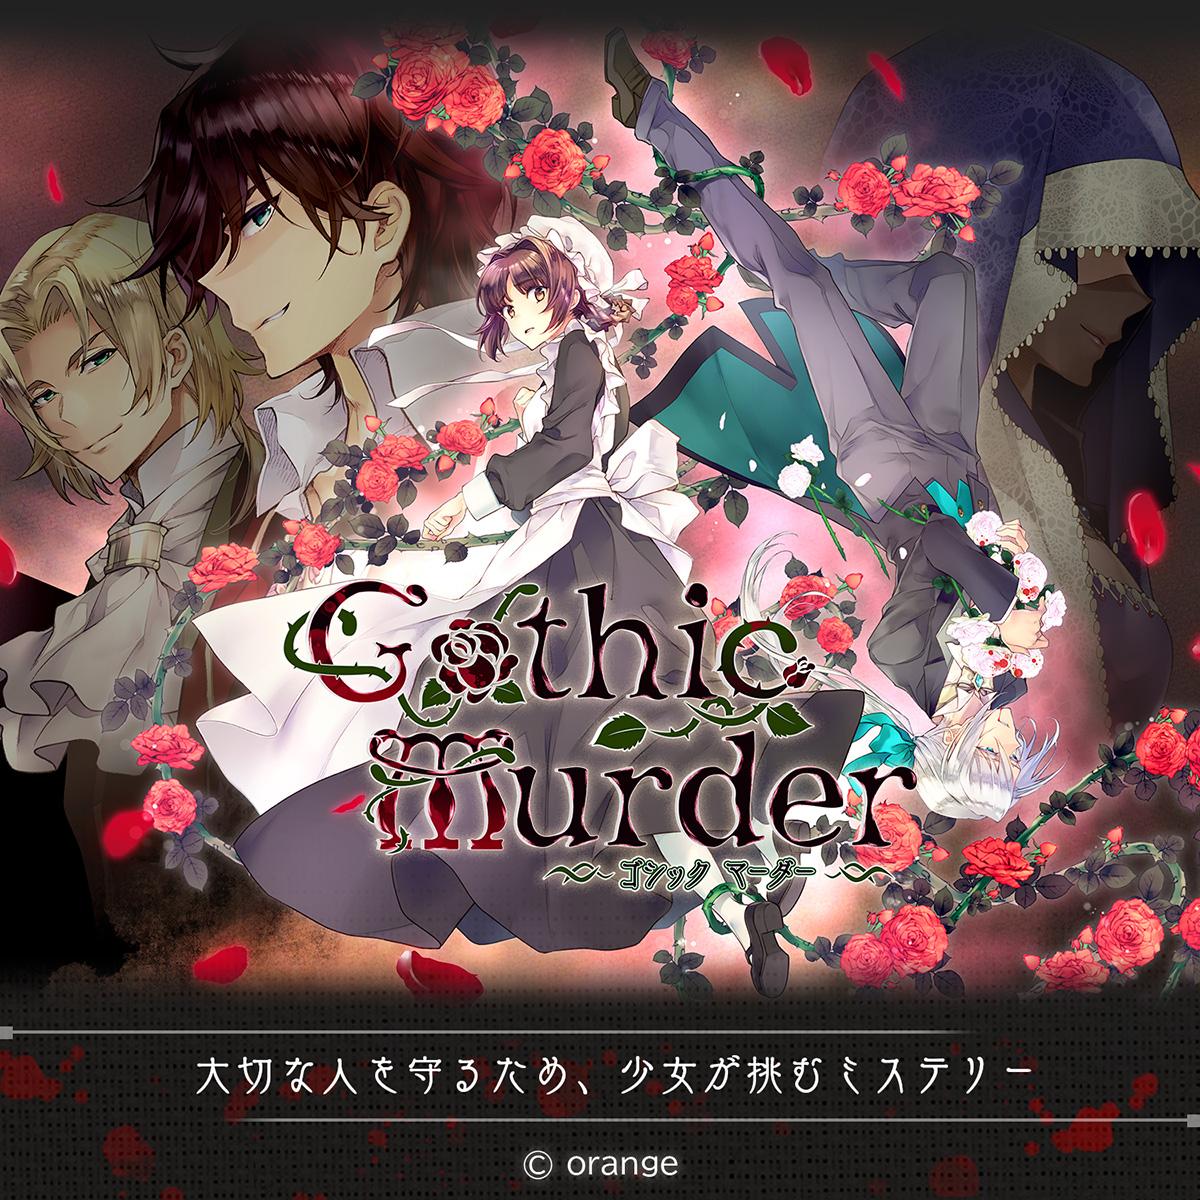 http://orange-app.jp/game/GothicMurder/img/GothicMurder_top03.jpg